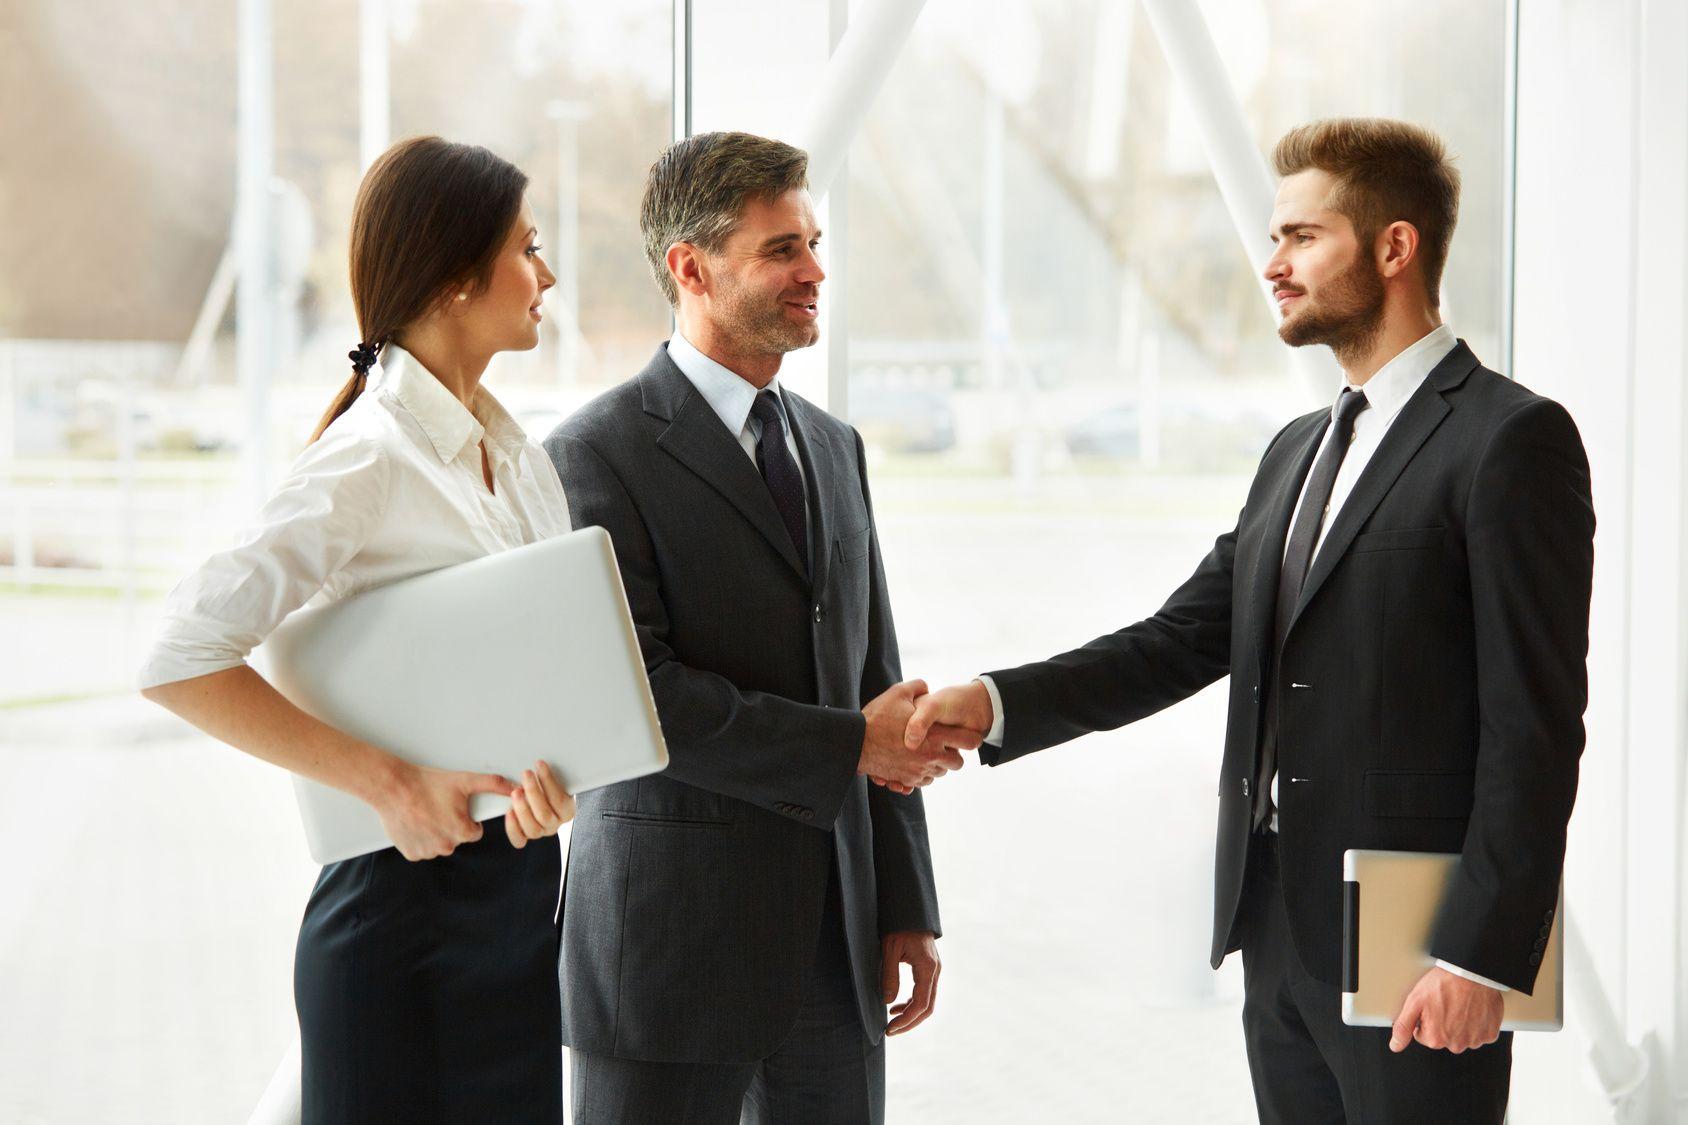 Cómo saber si te van a llamar después de una entrevista